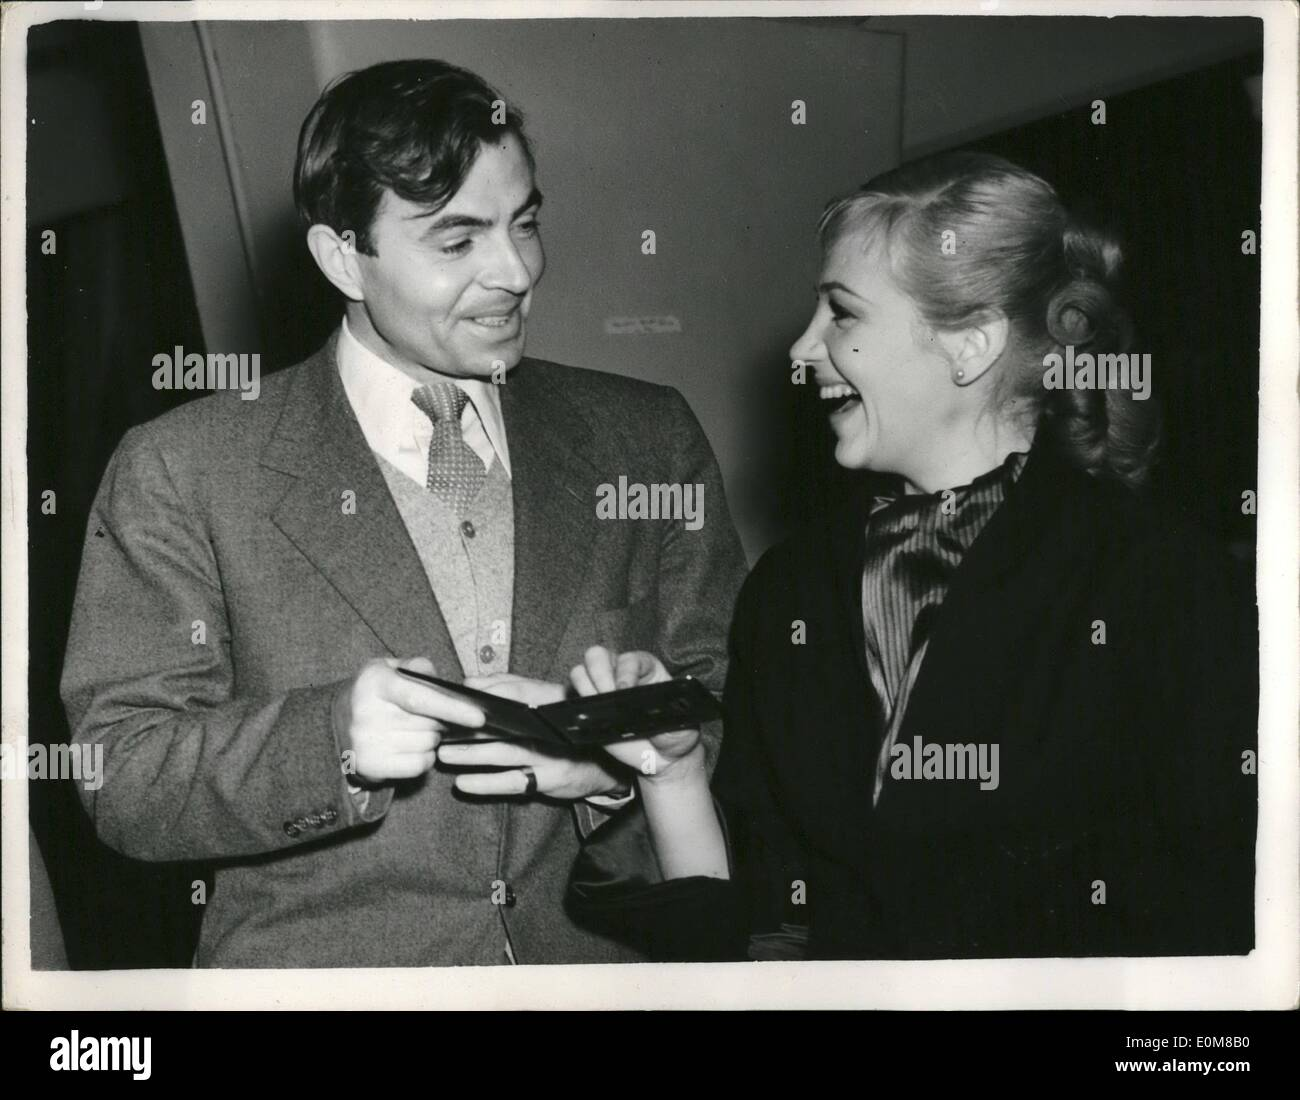 Le 12 décembre 1953 - Ouverture du nouveau Stagesat Shepperton trois nouveaux stades, entièrement équipée et la formation d'indépendants avec la vinaigrette et composent, ont inauguré aujourd'hui par Mlle Margaret Leighton à Shepperton, qui devient maintenant le plus grand, plus moderne studio de travail au Royaume-Uni montre Photo: James Mason propose Hildegaard Neff, la star du cinéma allemand, une cigarette à l'ouverture aujourd'hui. Ils sont en partie dans le film ''Berlin'', qui sont réalisés à l'Shepperton studios. Photo Stock